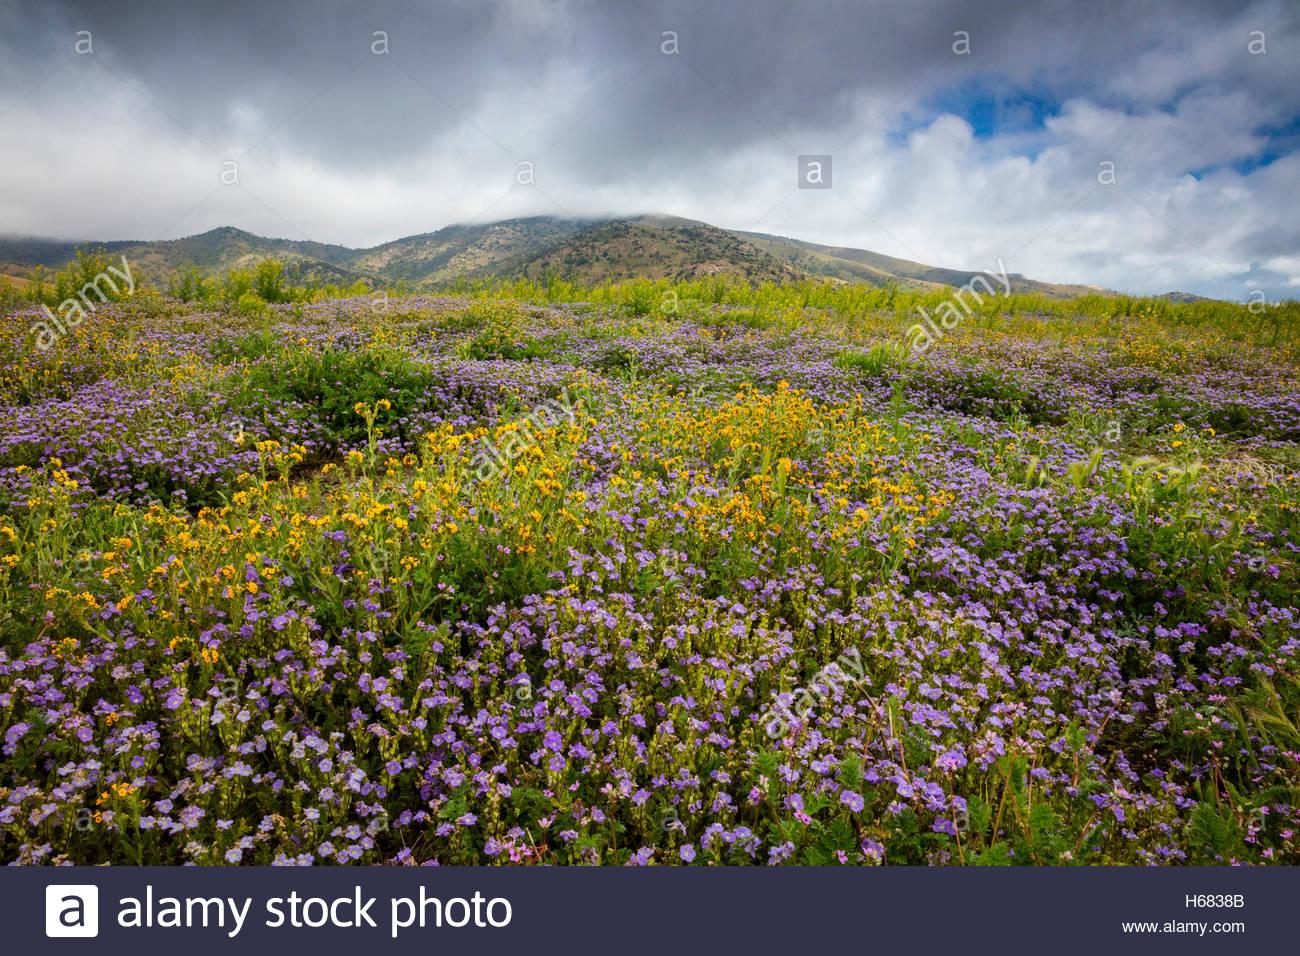 Un tapis de jaune et violet fleurs sauvages poussent à la base de la montagnes de Tehachapi, en Californie Photo Stock